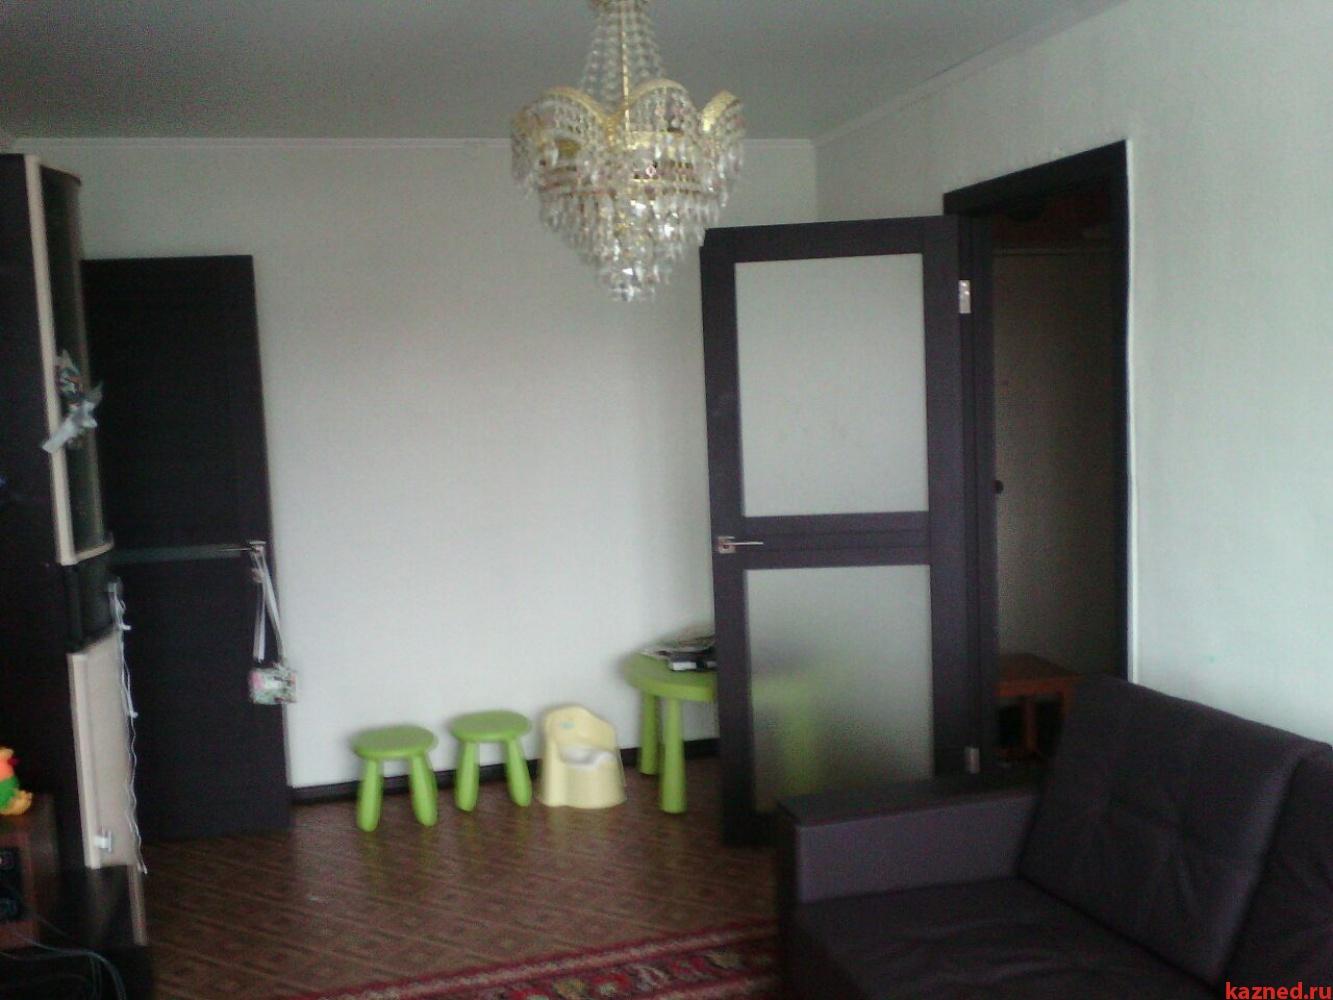 Продажа 2-к квартиры Горьковское шоссе, 12, 43 м²  (миниатюра №2)